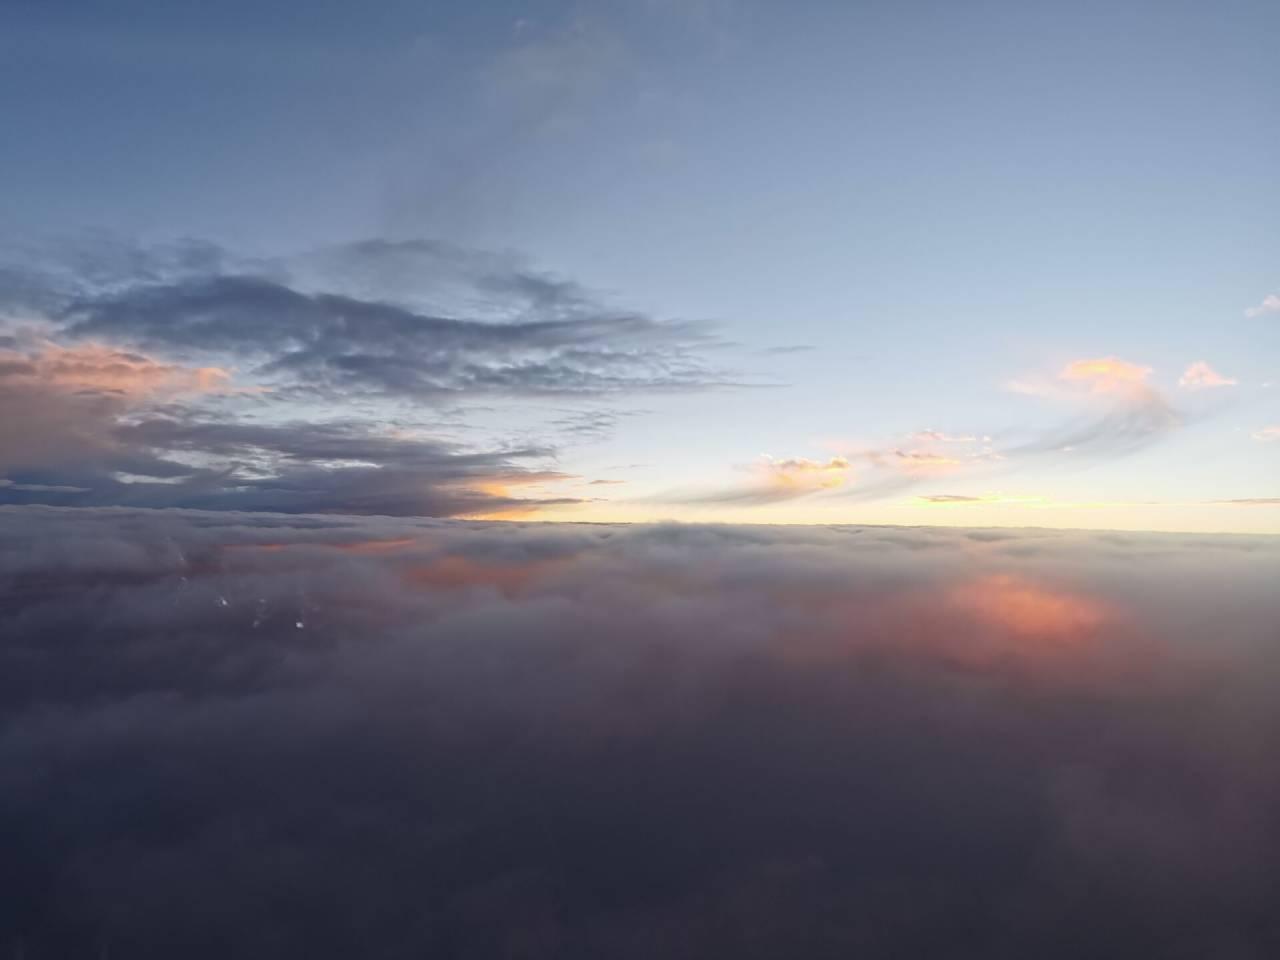 空中看落日1.jpg